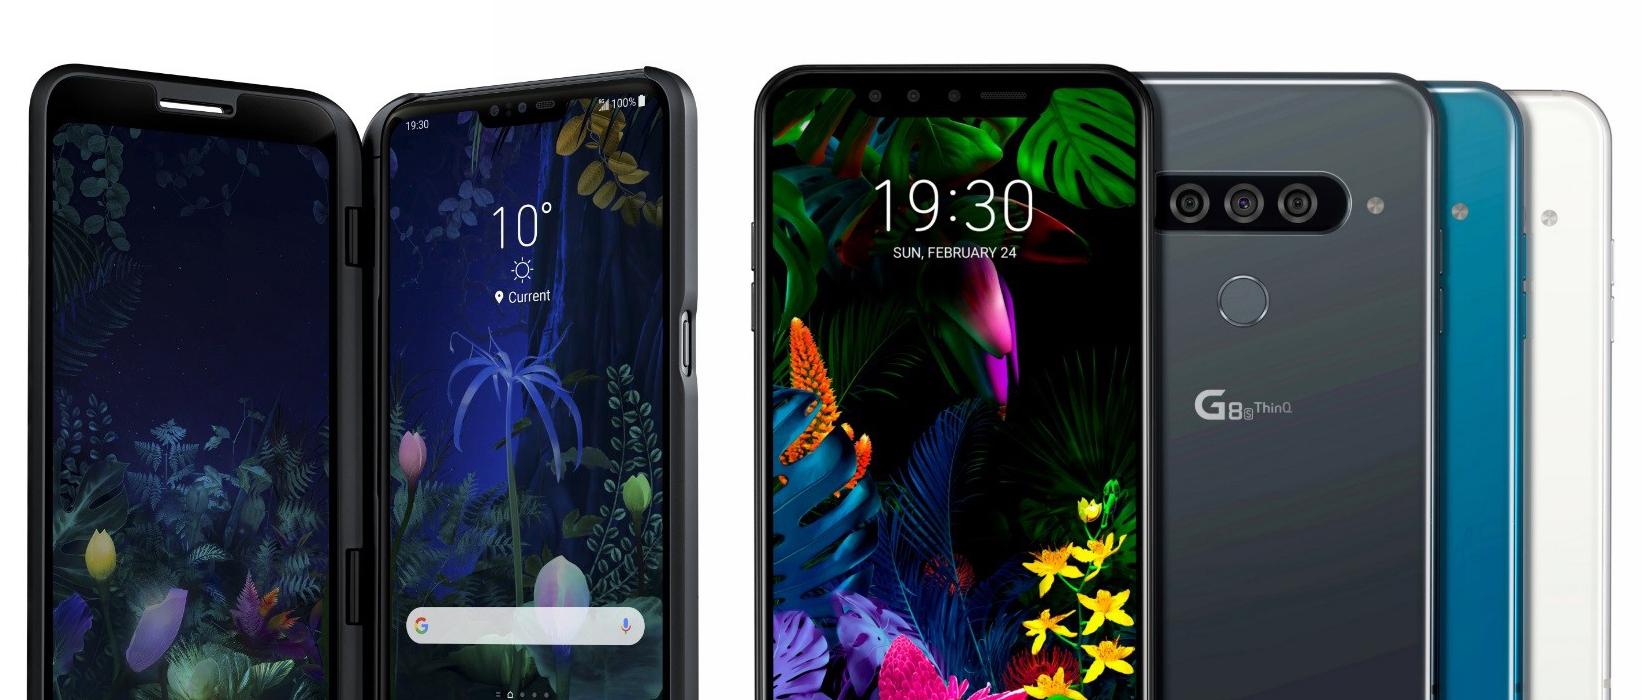 Gesztusvezérlés és dupla kijelző: az LG legújabb okostelefonjai a mobilitás új korszakát hozzák el